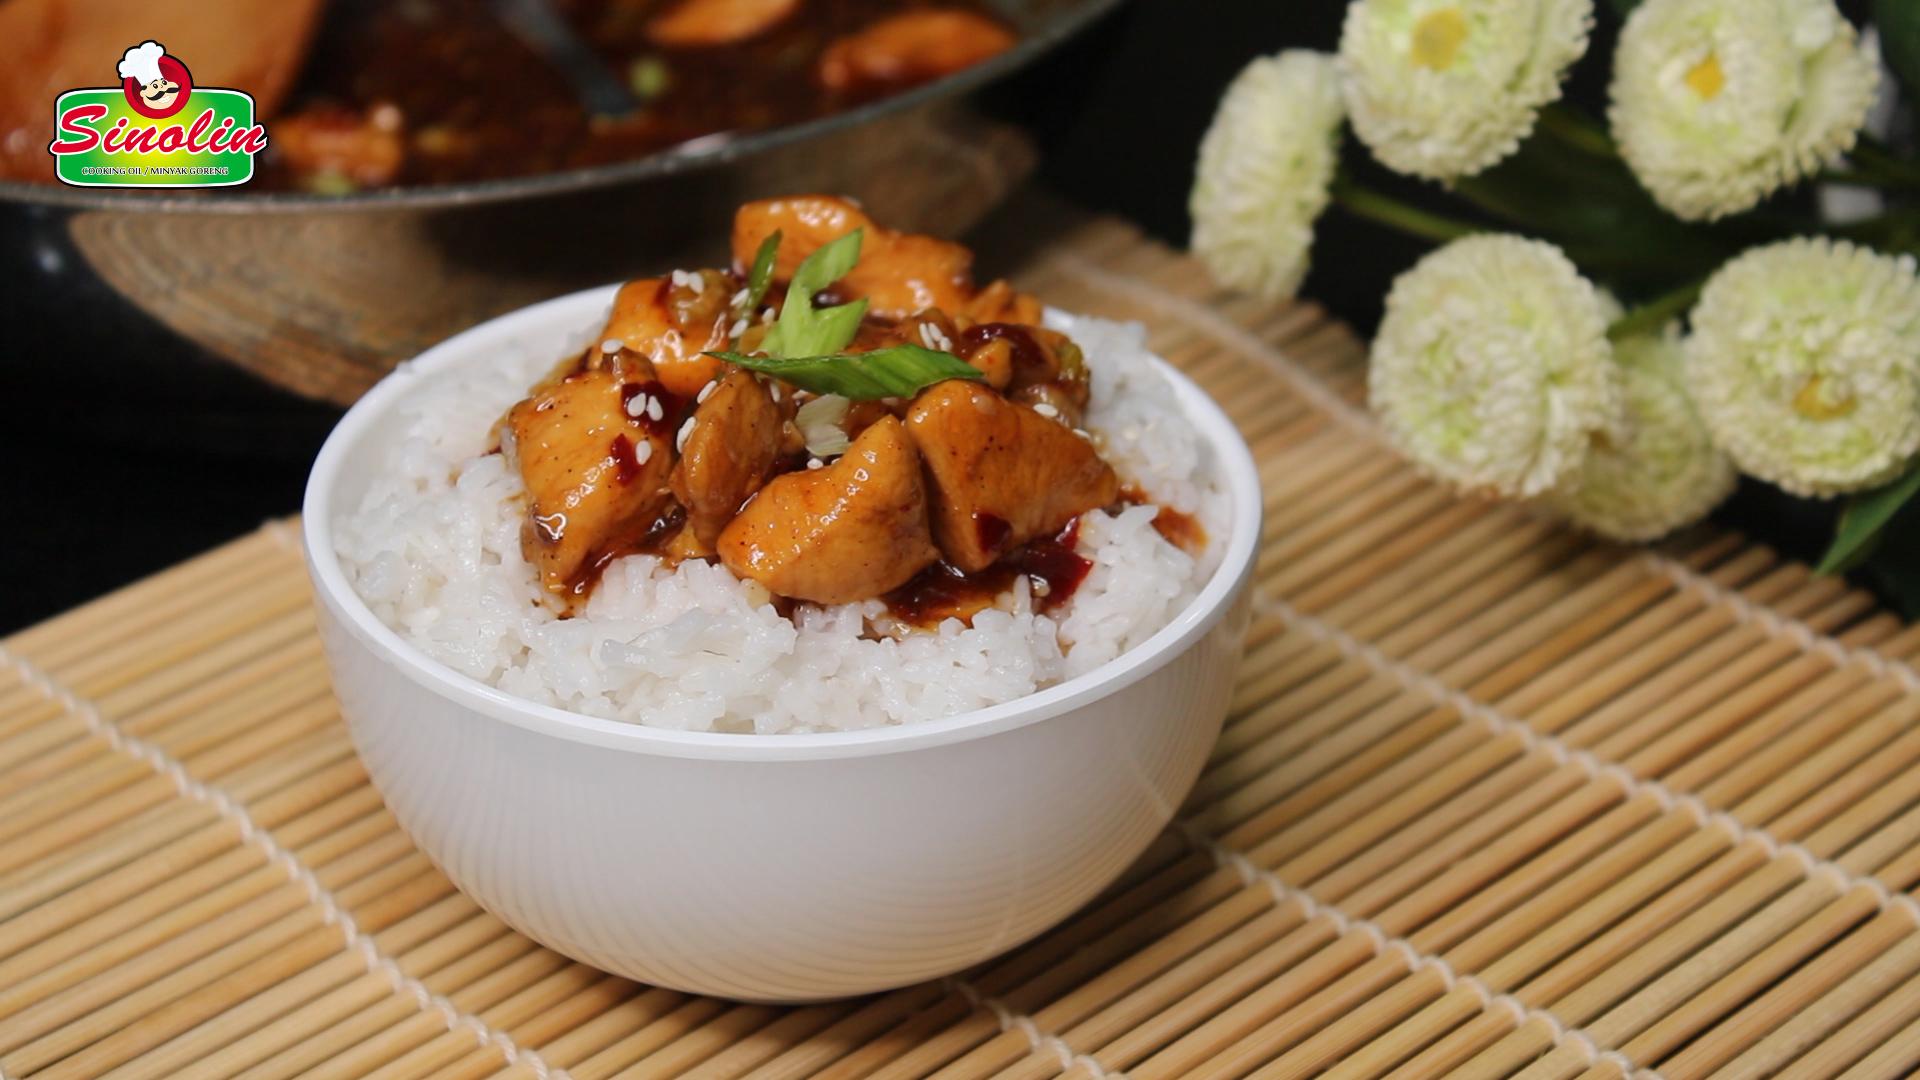 Bourbon Chicken by Dapur Sinolin